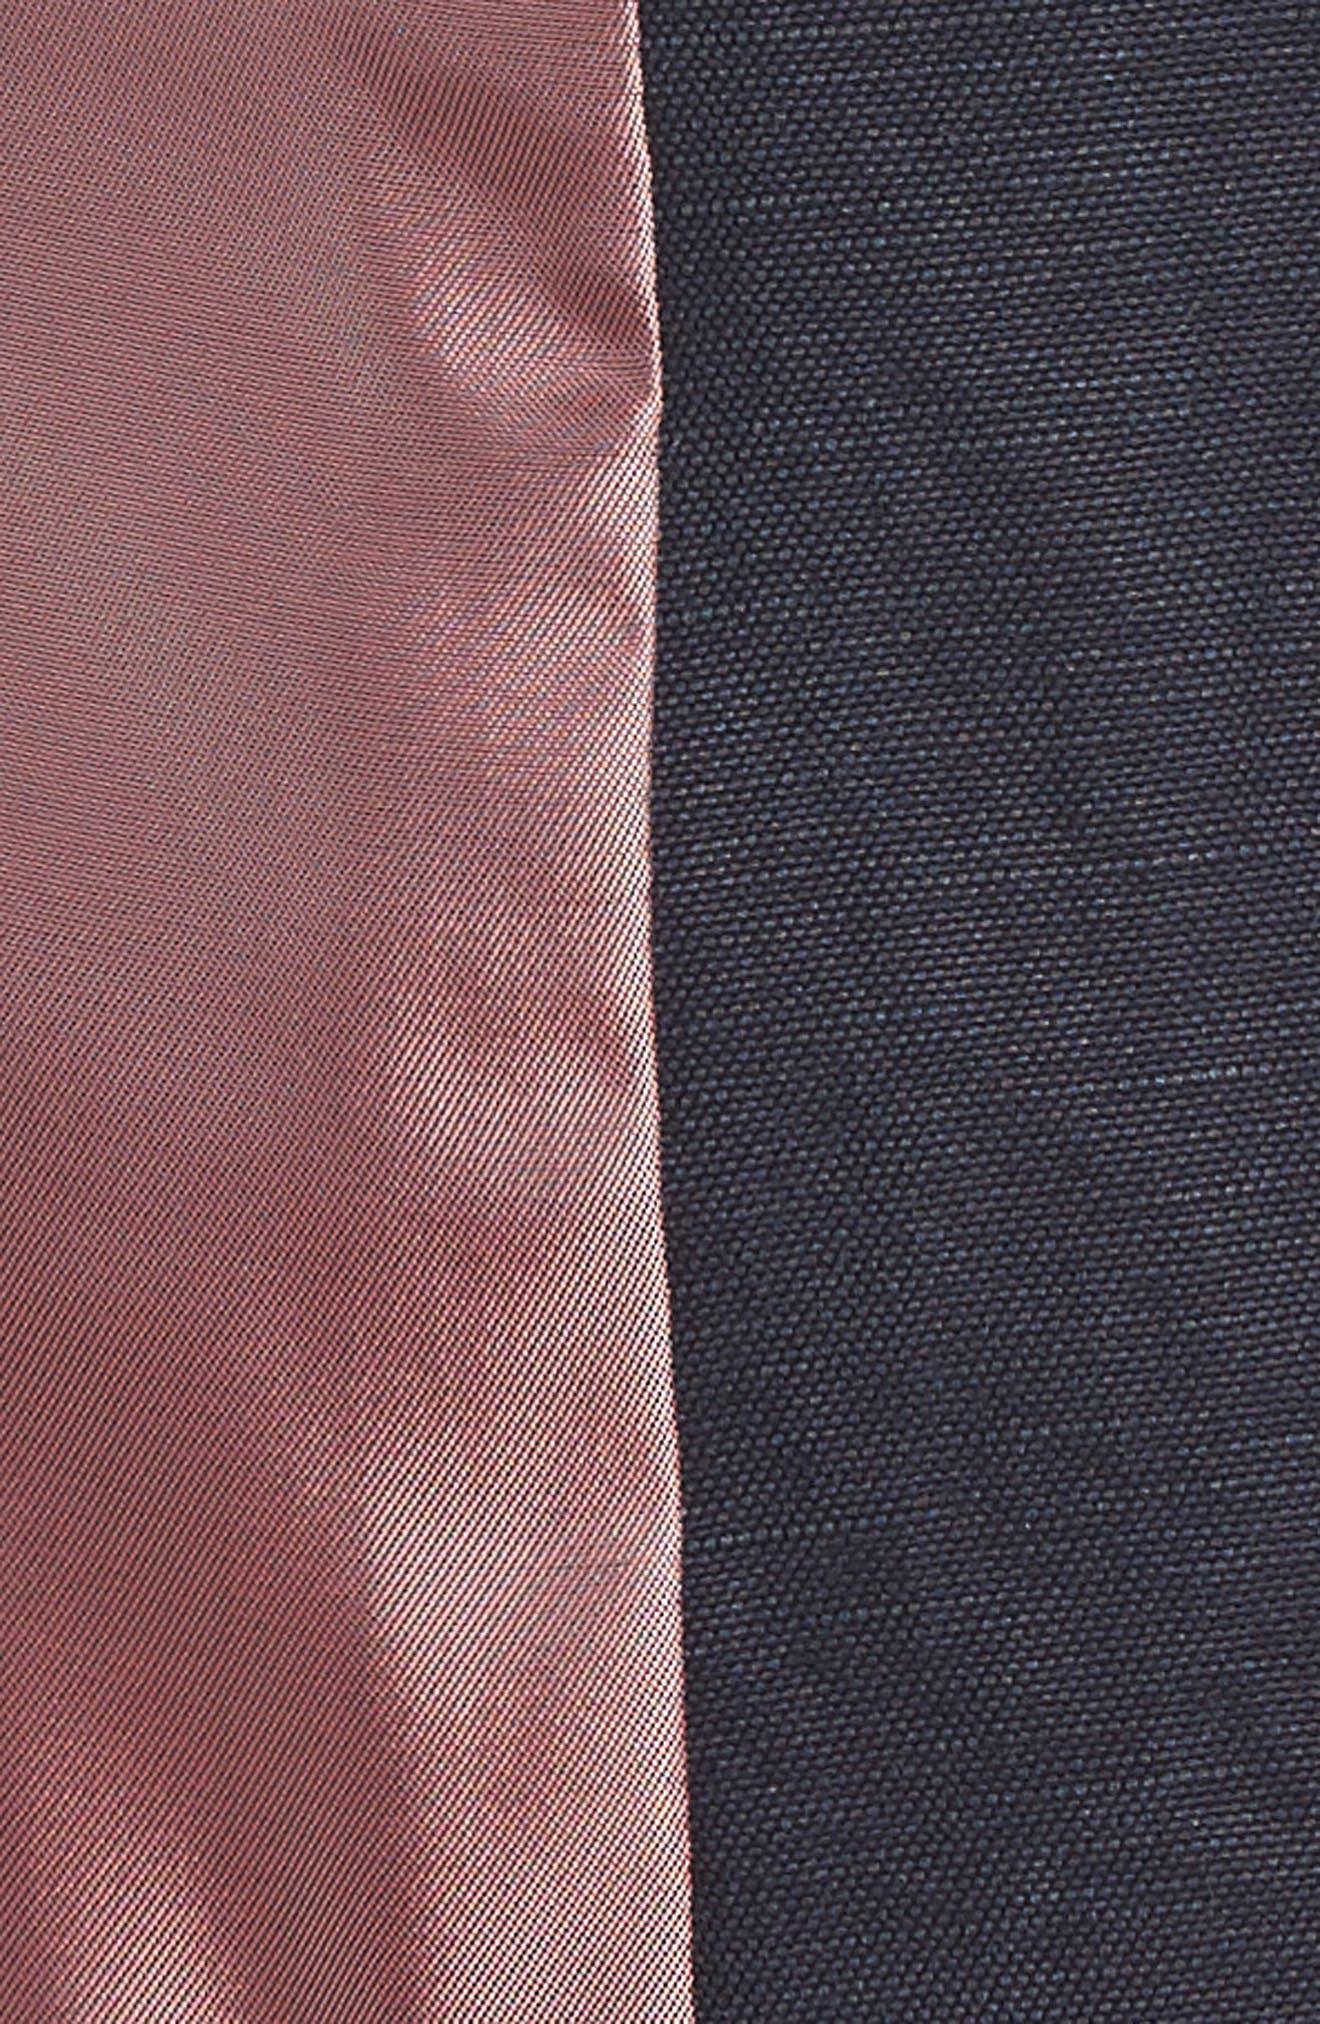 Hootie Solid Cotton & Linen Vest,                             Alternate thumbnail 5, color,                             410